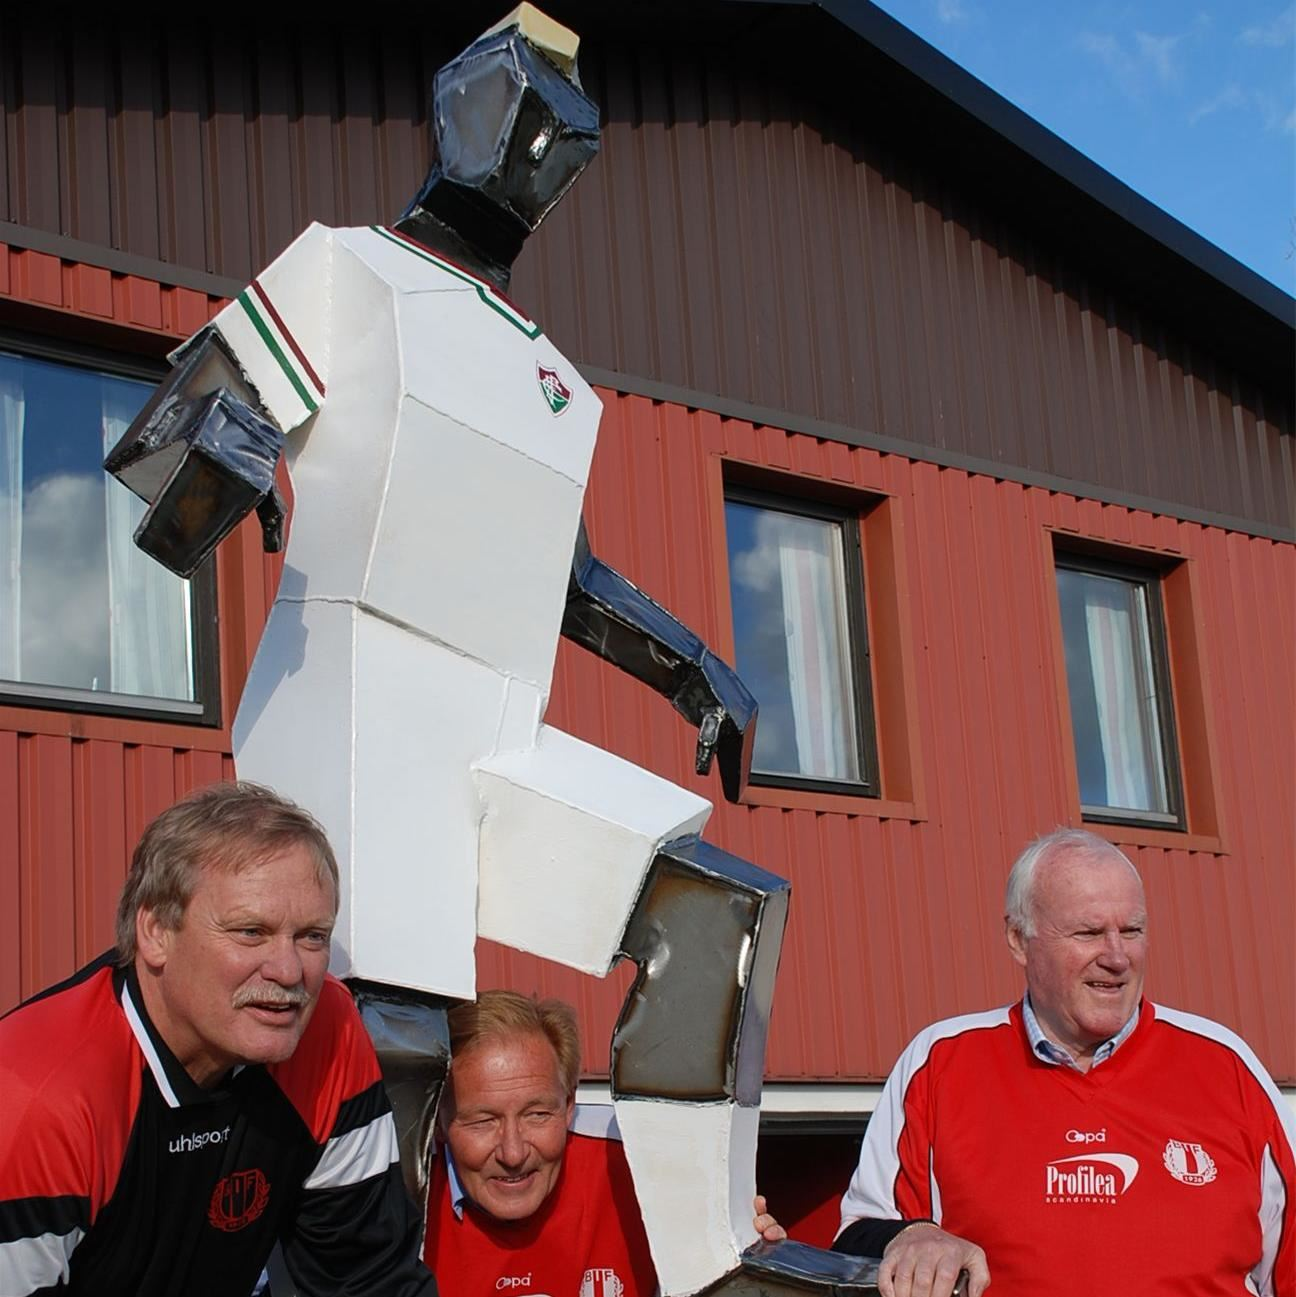 Joachim Orrenius, Bilden visar Hammarbyprofilerna Ronnie Hellström, Kenta Ohlsson och Karl-Evert YA Skoglund vid invigningen av Nackastatyn 2010 i Skåne. Notera att YA håller sin högra hand på sin brorsas känsliga och världsberömda vänsterdojja.